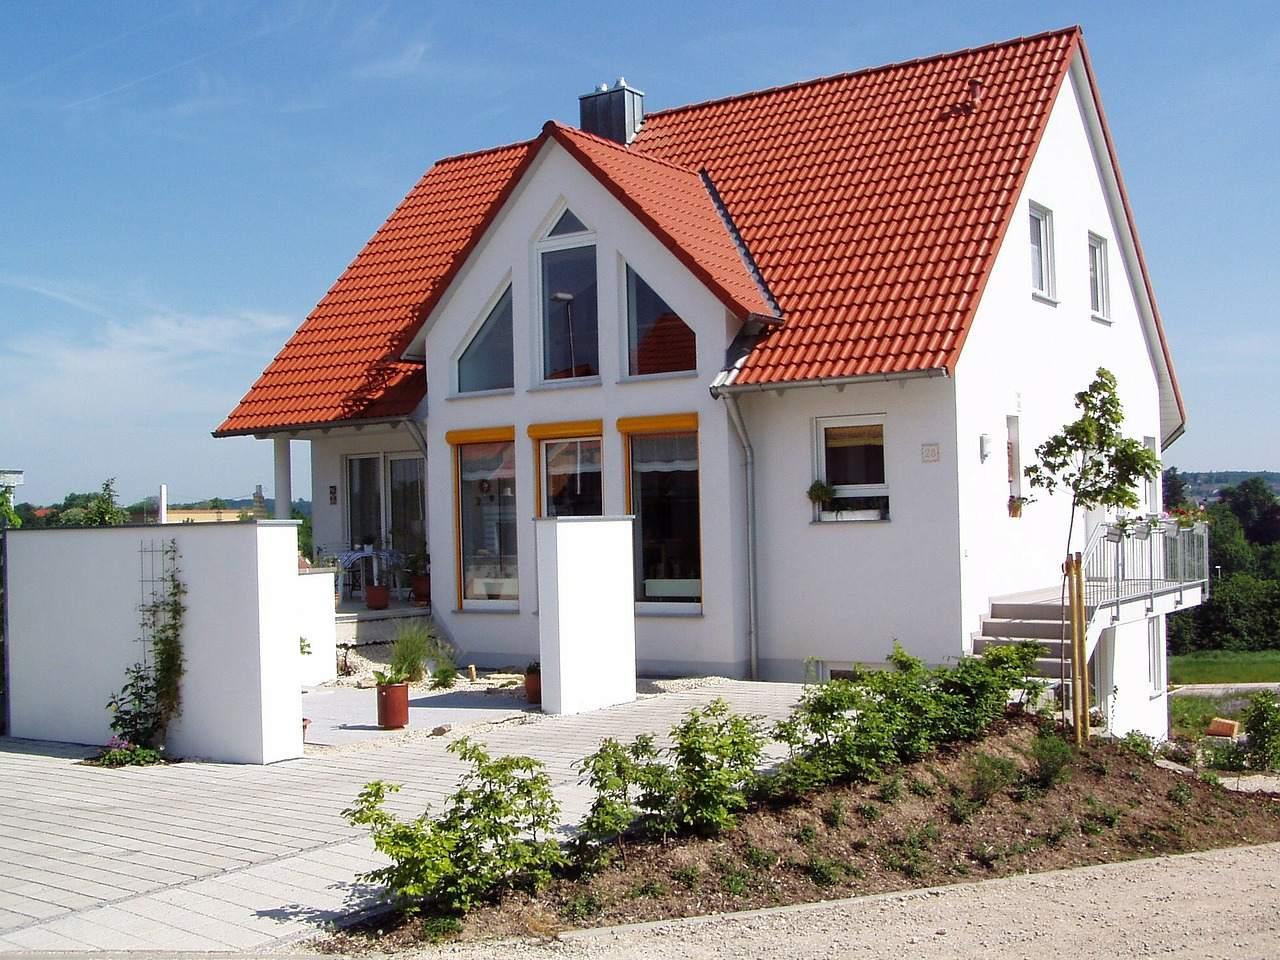 Immobilien - Beispielbild Einfamilienhaus